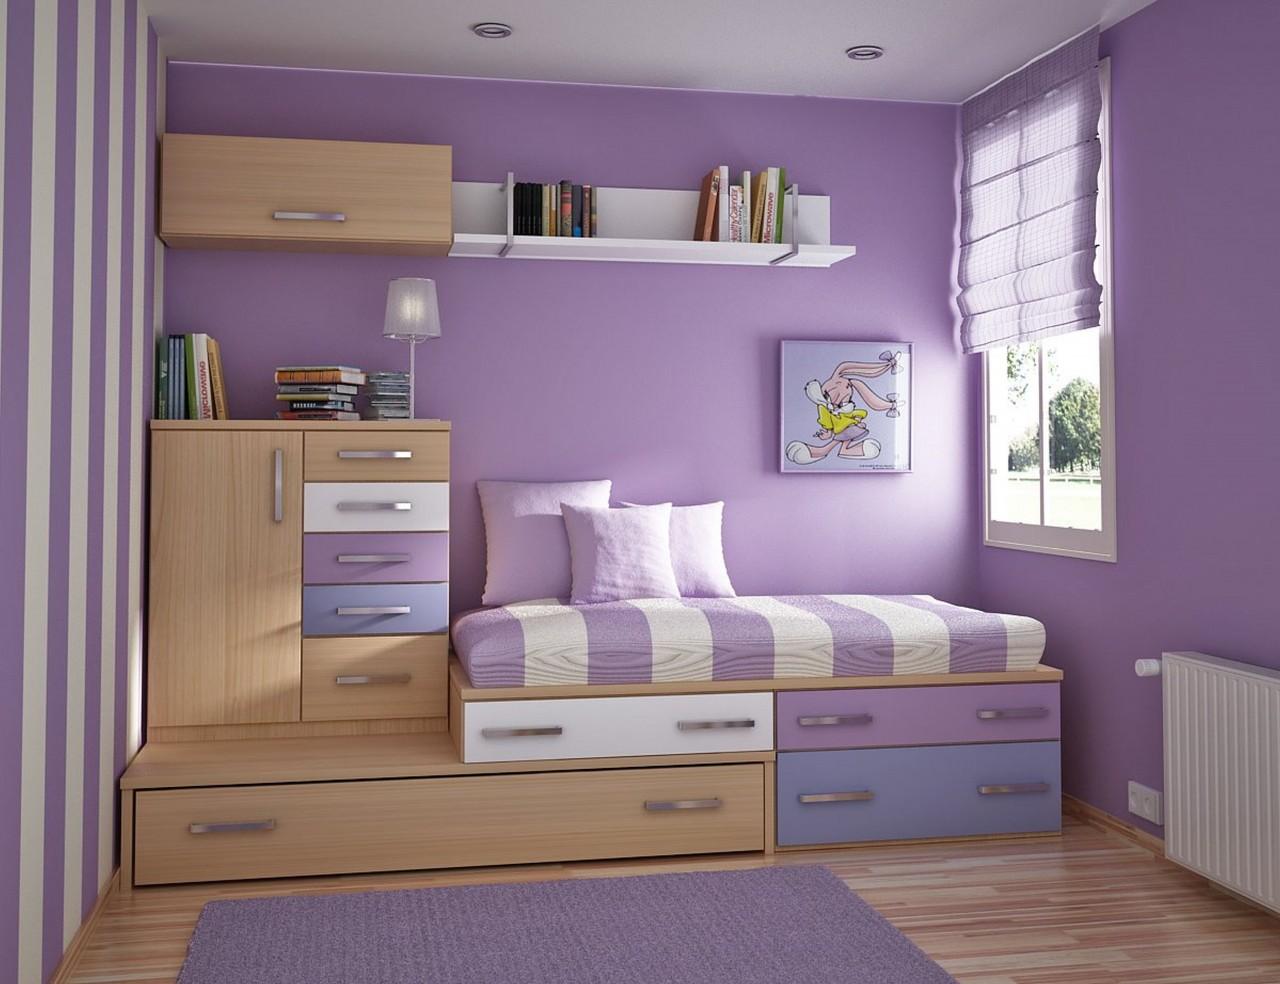 صورة غرف نوم اطفال بنات , اجدد اشكال غرف نوم البنات 591